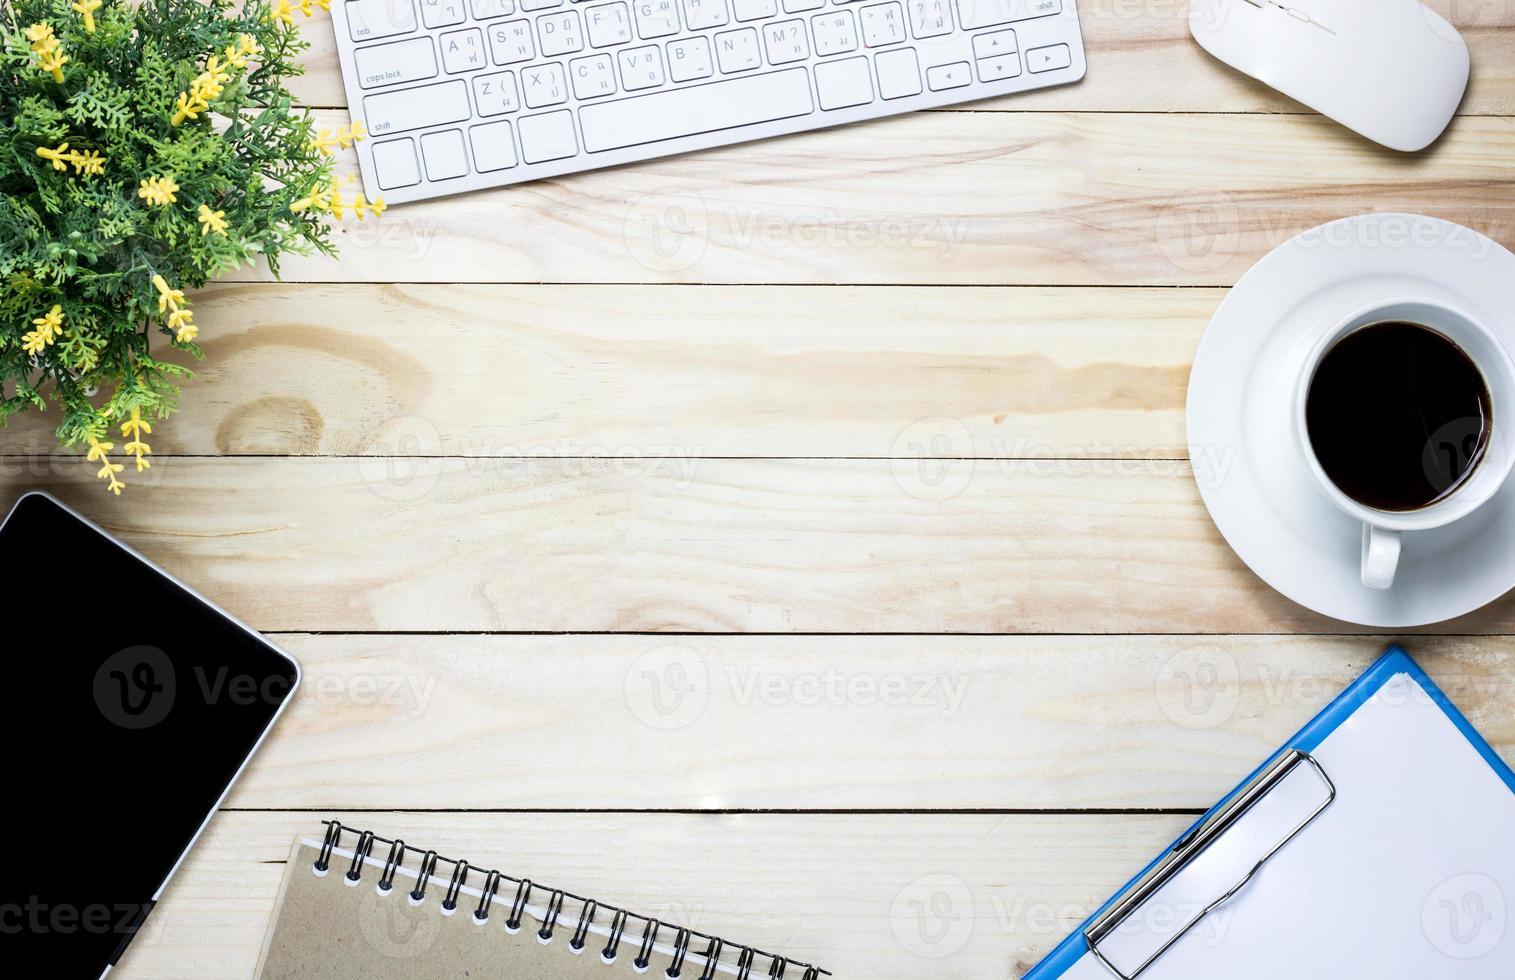 escritorio con café y teclado foto